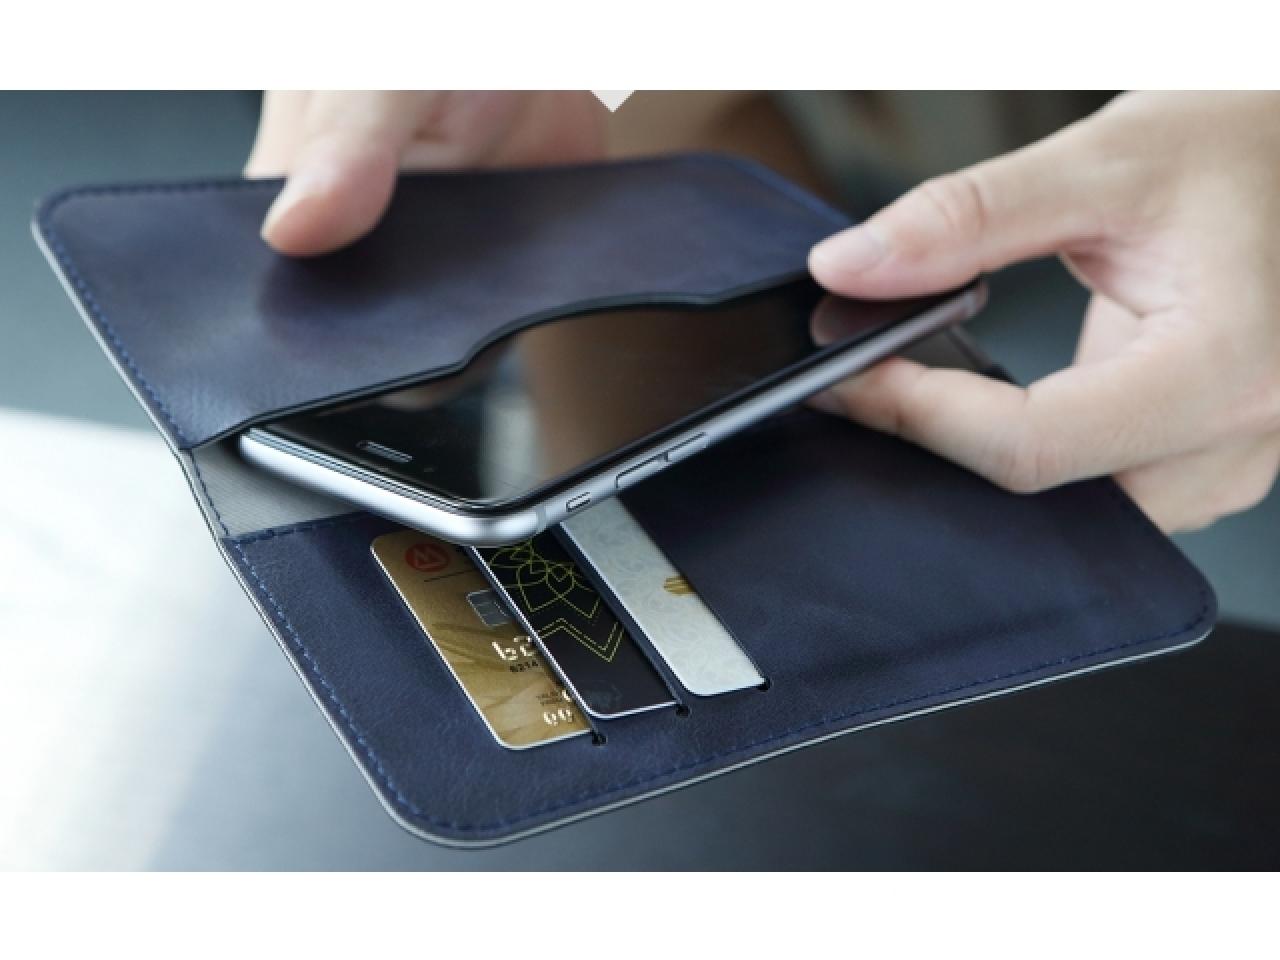 rock wallet iphone 8 plus leder portemonnaie f r 4 8 6 0. Black Bedroom Furniture Sets. Home Design Ideas